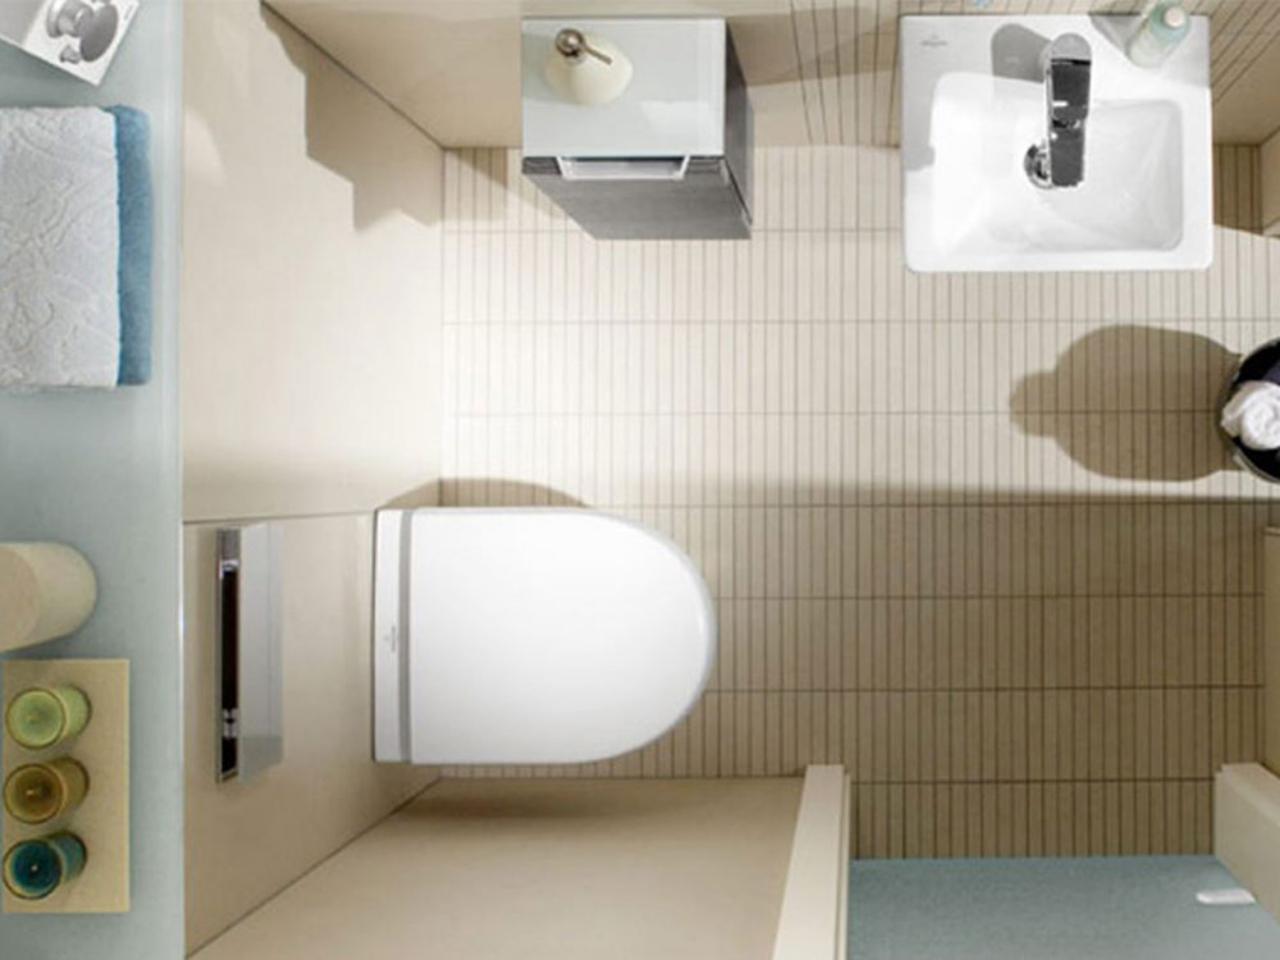 Idee piastrelle bagno piccolo - Idee arredo bagno piccolo ...